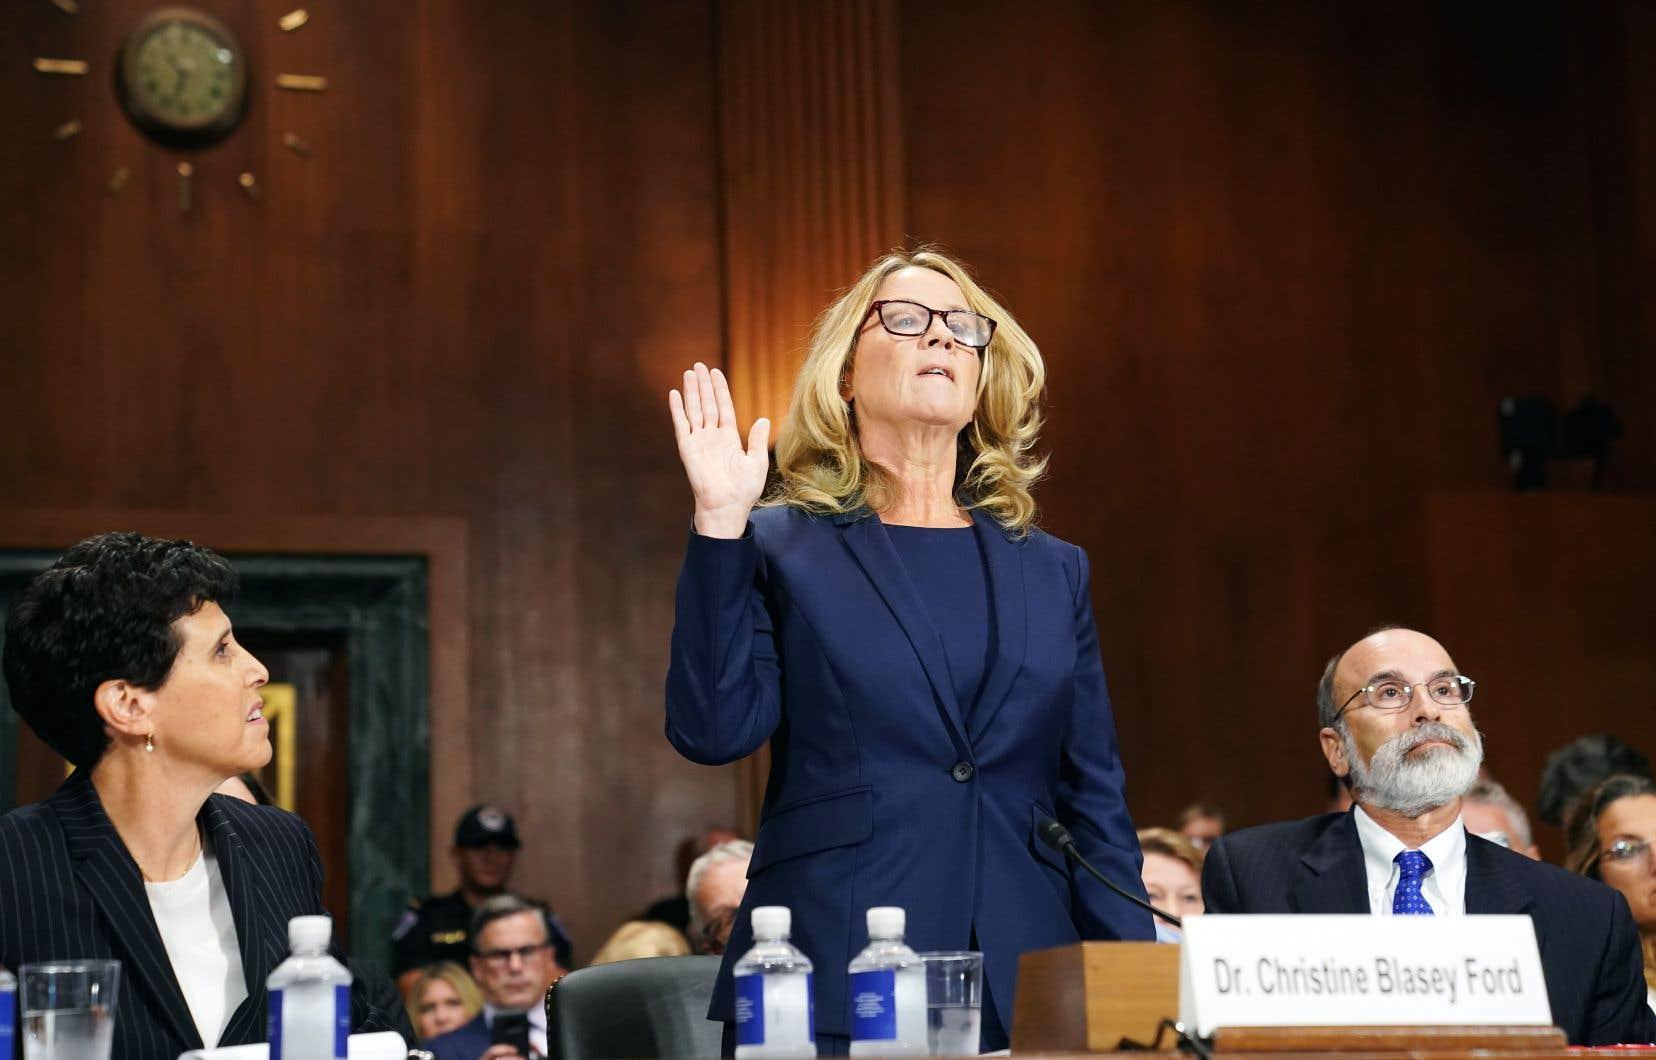 Le témoignage de Christine Blasey vient mettre le feu aux poudres dans une campagne politique hautement partisane.